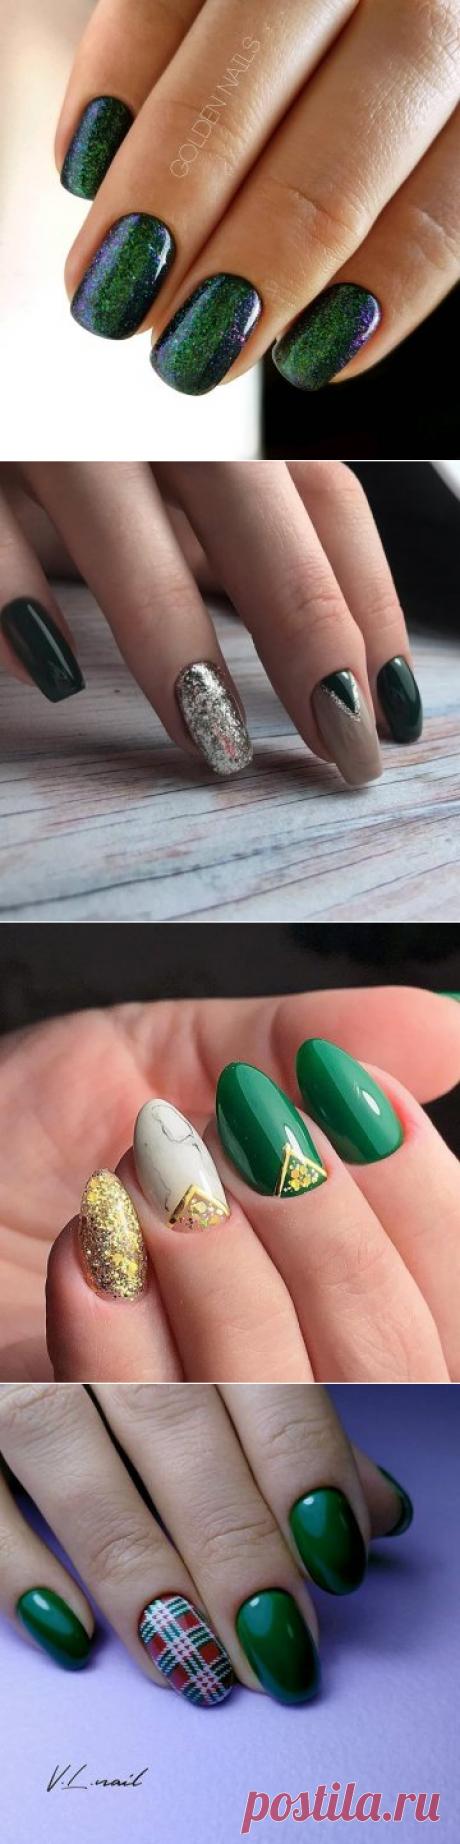 Зеленый маникюр 2021-2022   Модный дизайн ногтей, 110 фото-новинок